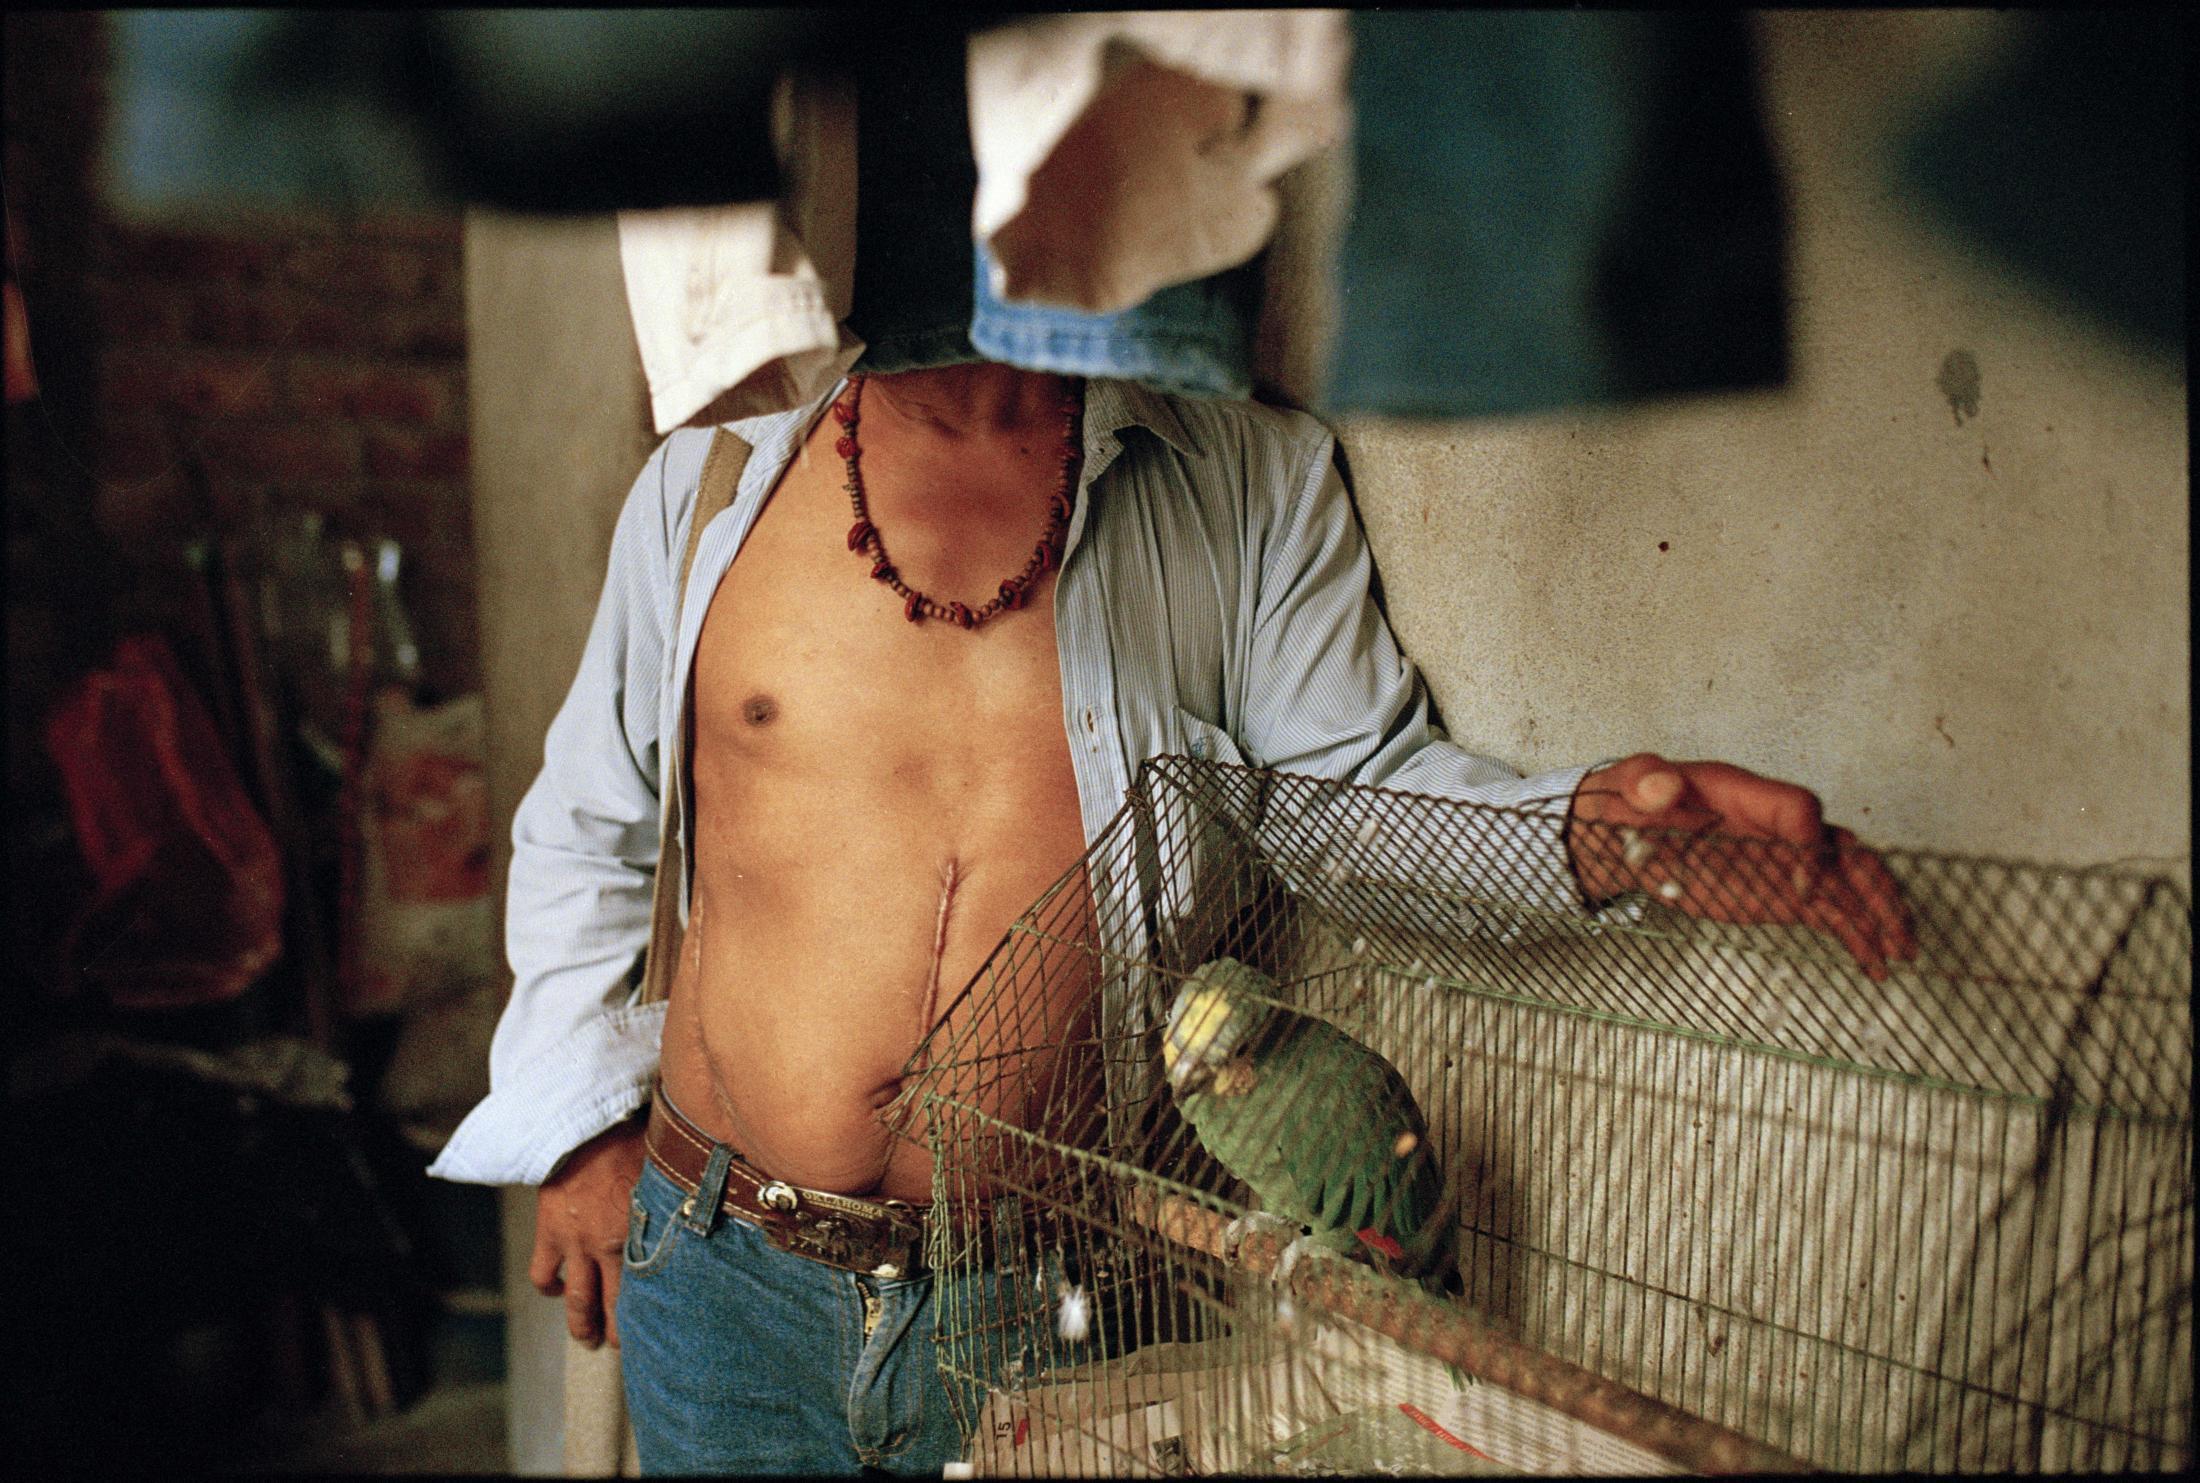 Un líder social involucrado en gestiones barriales y articulaciones de la comunidad con las entidades distritales posa para un retrato en el patio de ropas de su casa. En 2016 fue víctima de asalto con arma blanca cuando llegaba tarde en la noche a su vivienda en el sur de Bogotá. Su asaltante no intentó robarlo, solo herirlo.